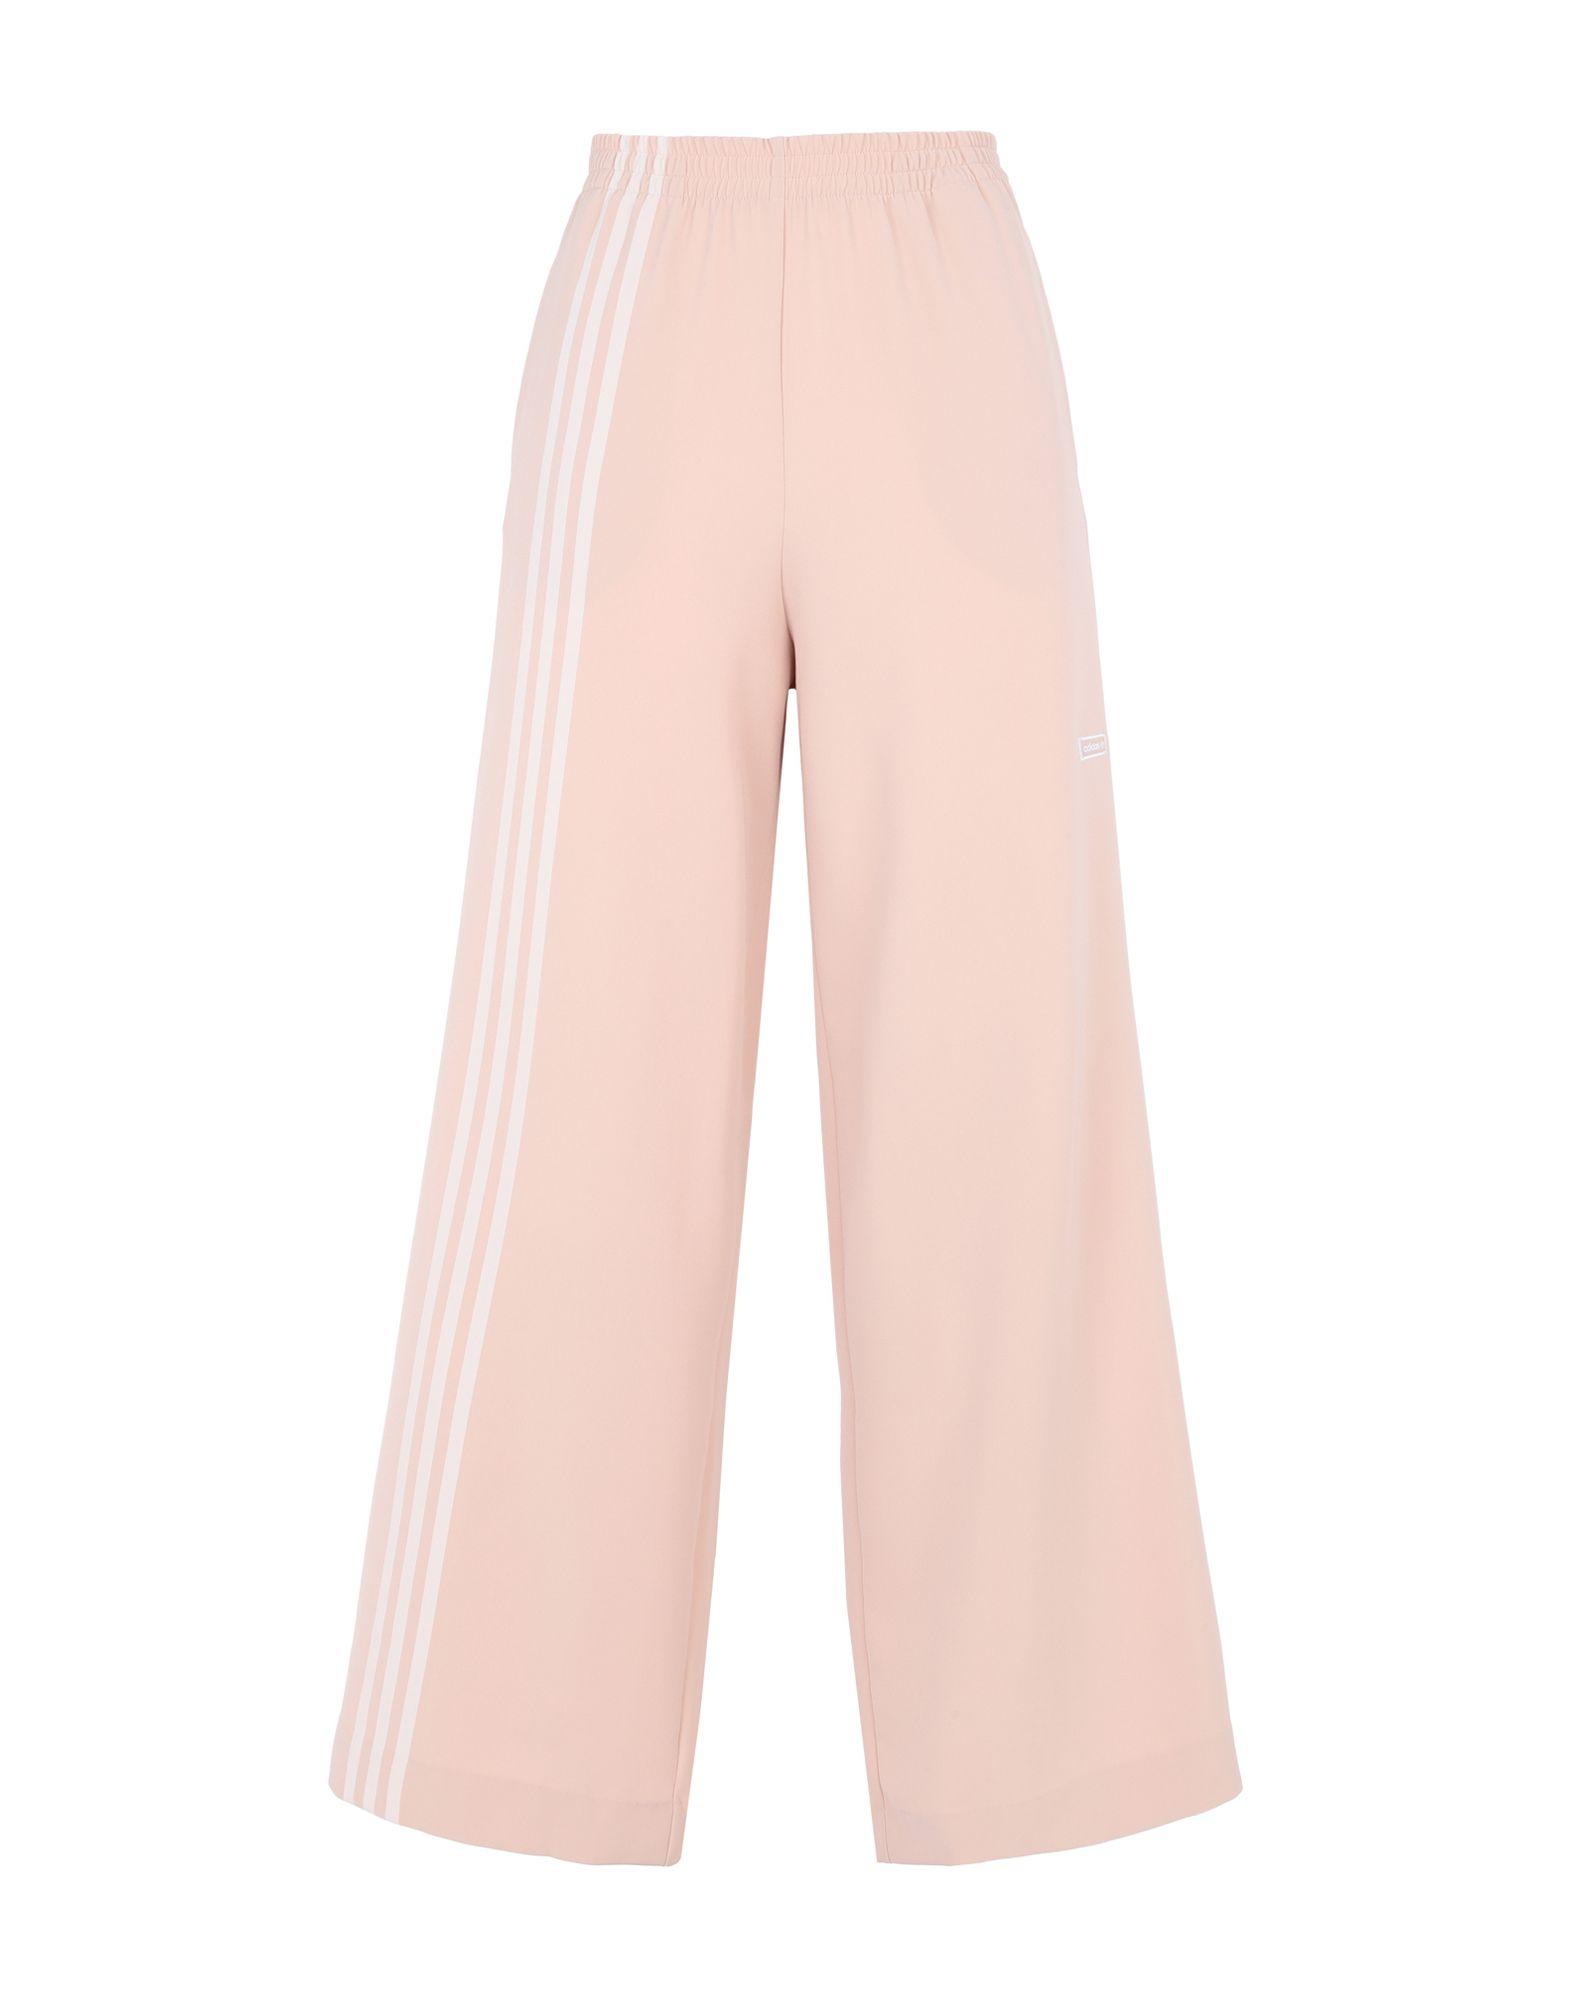 ADIDAS ORIGINALS Повседневные брюки adidas x yeezy повседневные брюки